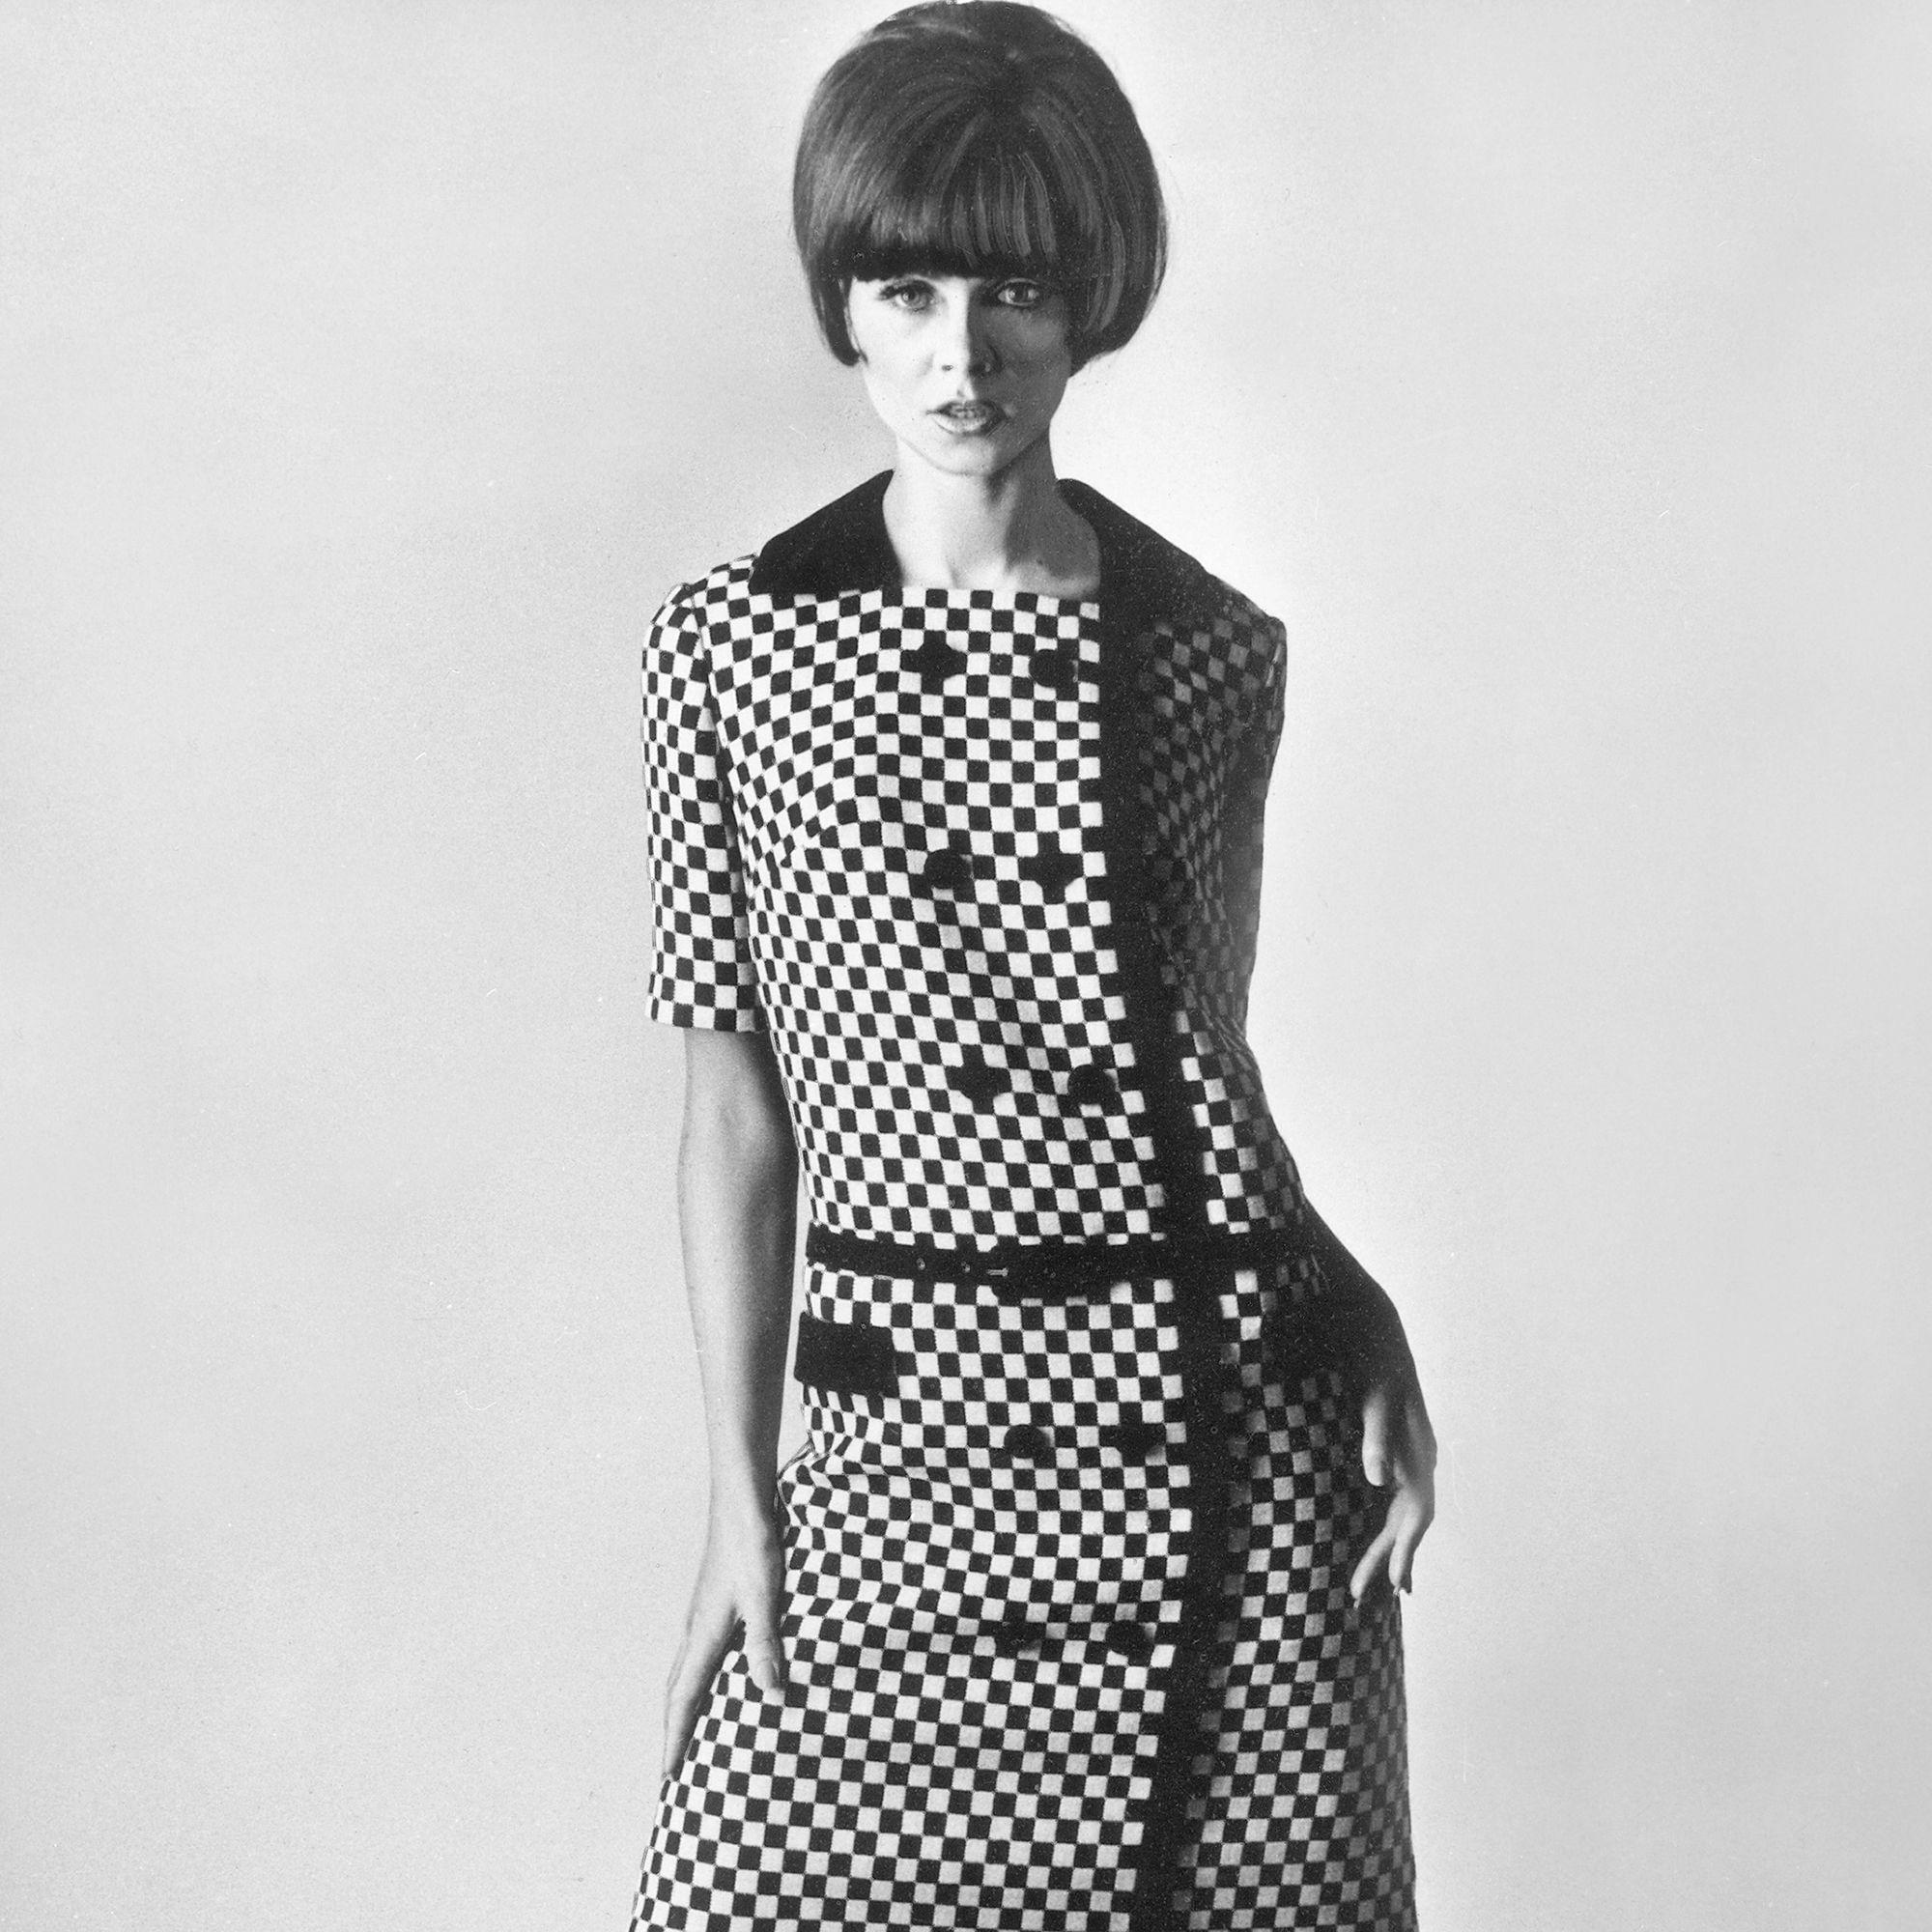 (GERMANY OUT) Jugendliches Kleid im Stil von Courreges aus Wolle (Double face)Modell: Selma Neumann, Berlin1965 (Photo by ullstein bild/ullstein bild via Getty Images)